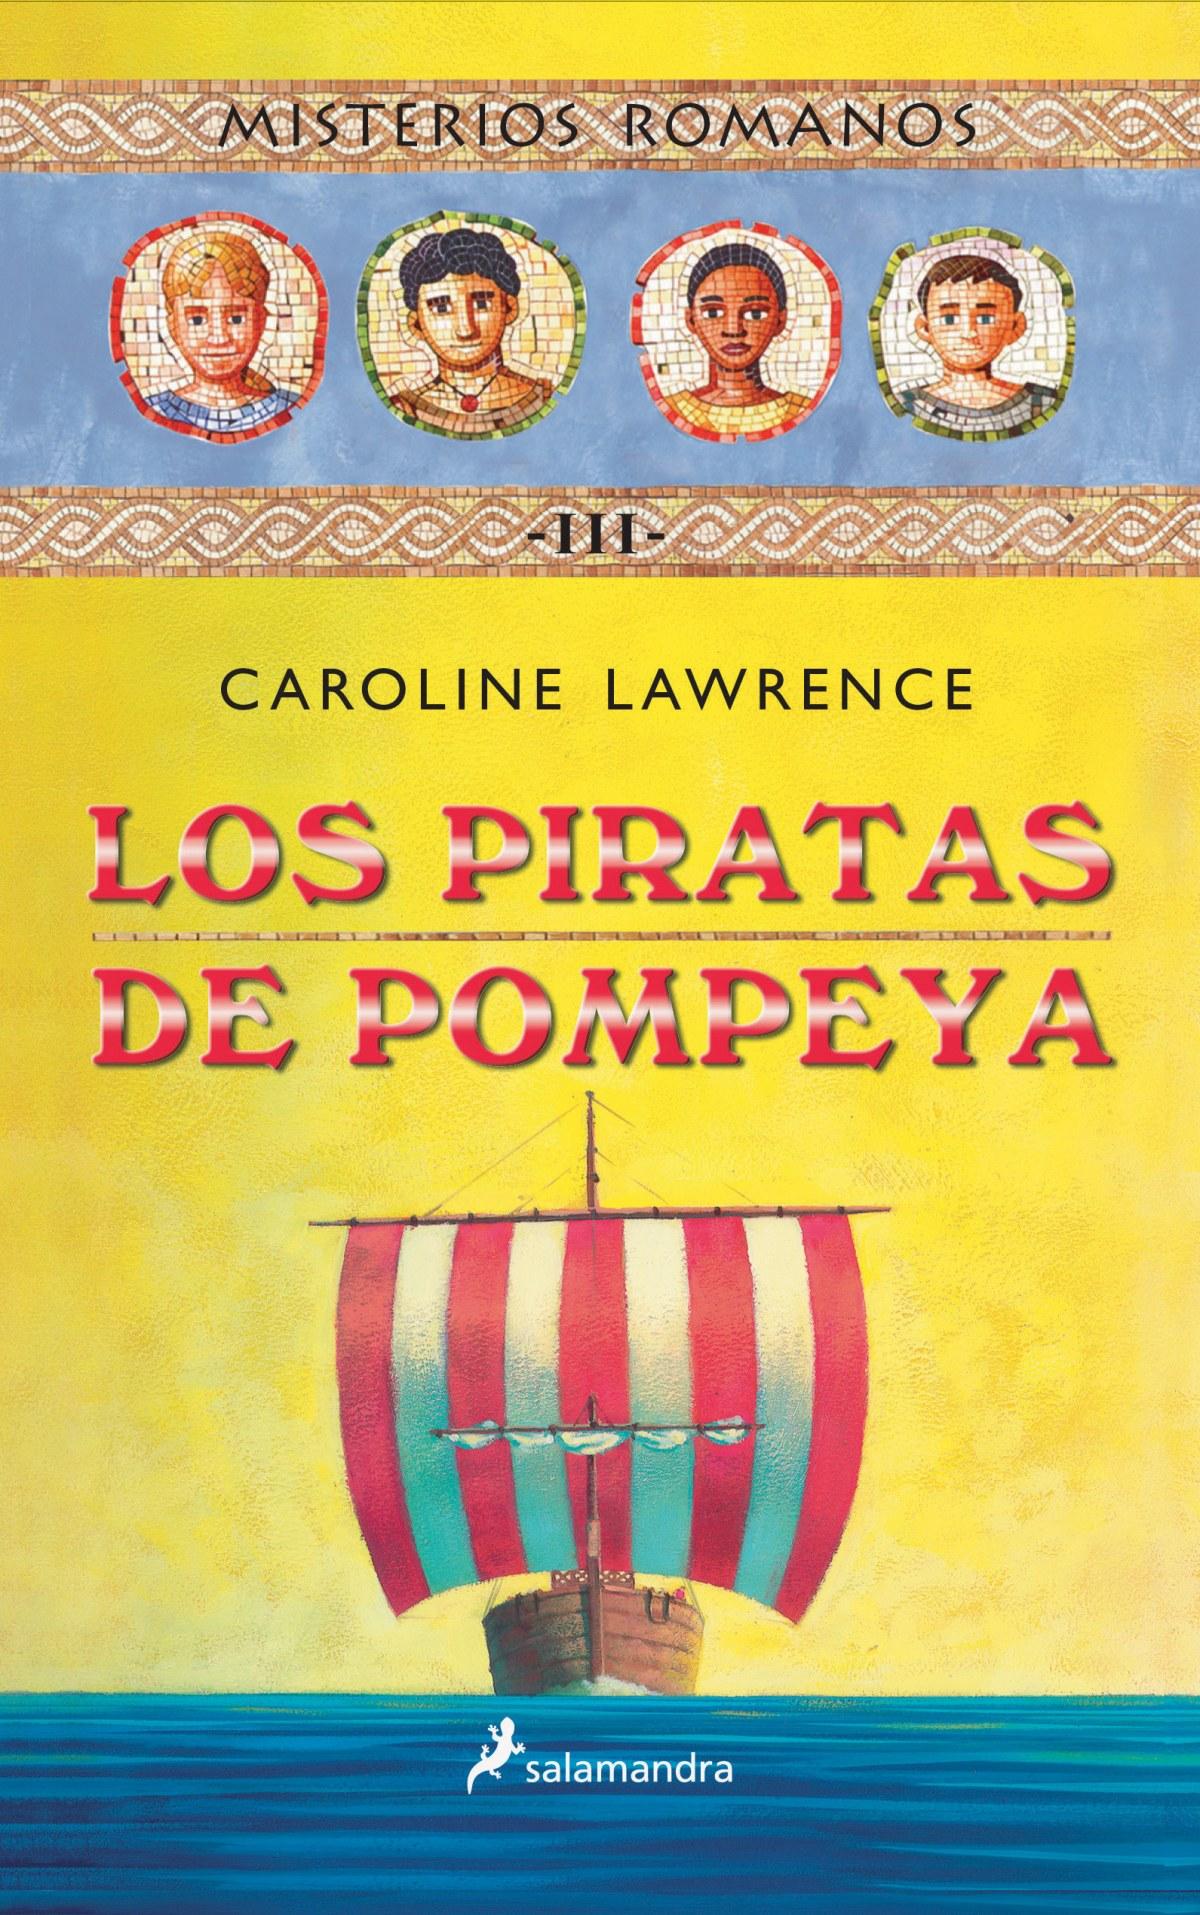 Piratas de pompeya, los